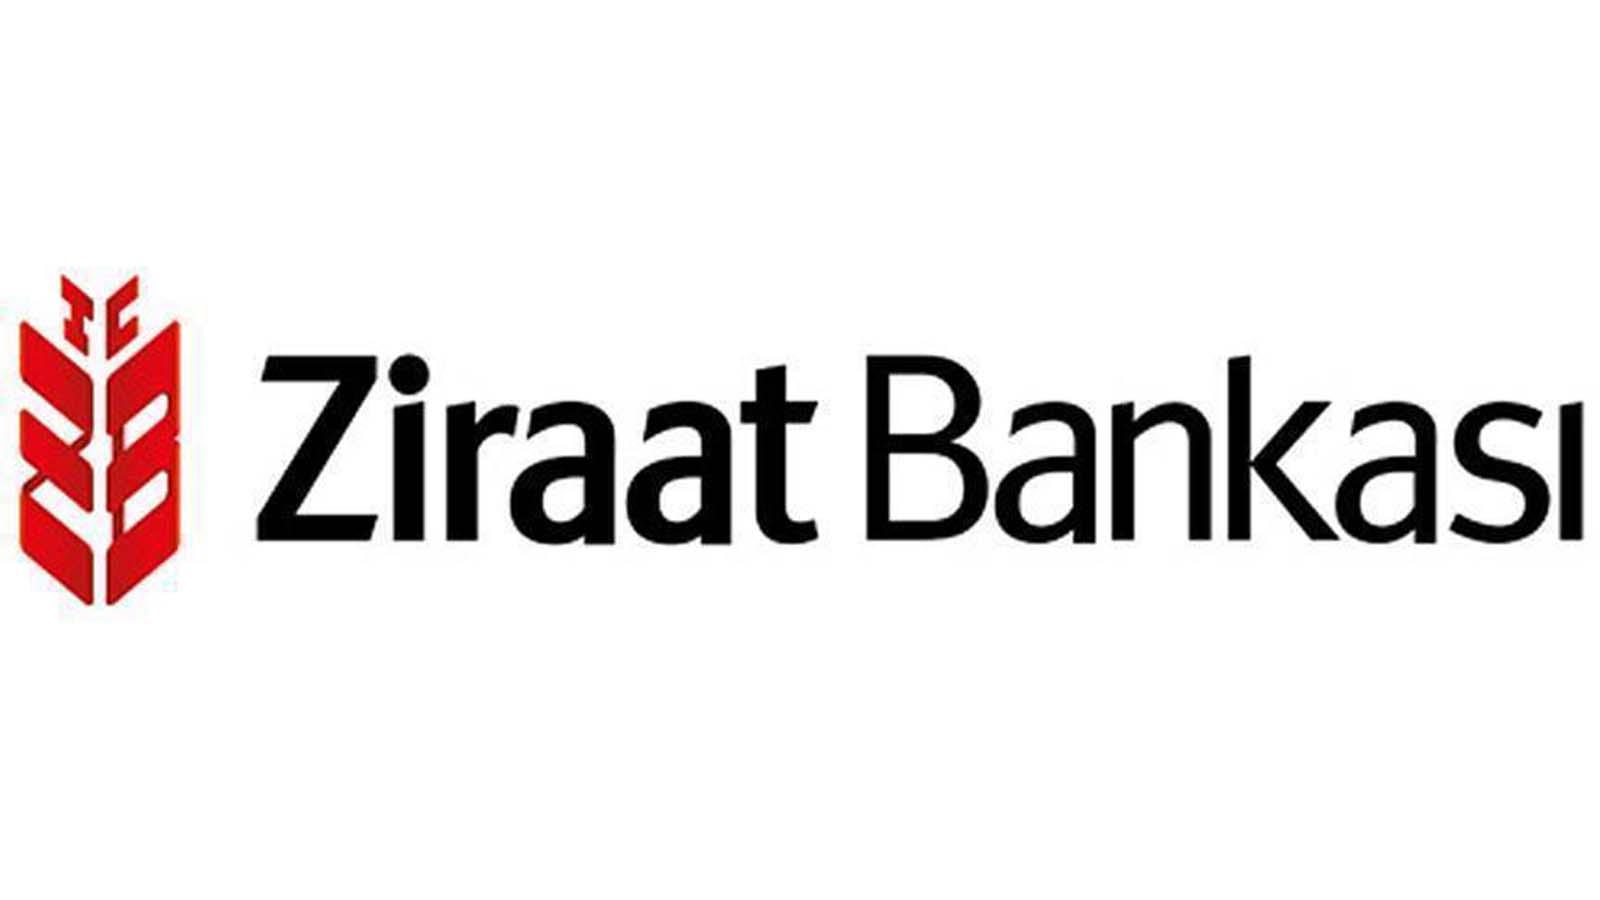 Konut Kredisi Faiz Oranları   23 Haziran2021 Ziraat Bankası, Vakıfbank, Halkbank, konut, ihtiyaç ve taşıt kredisi faiz oranları